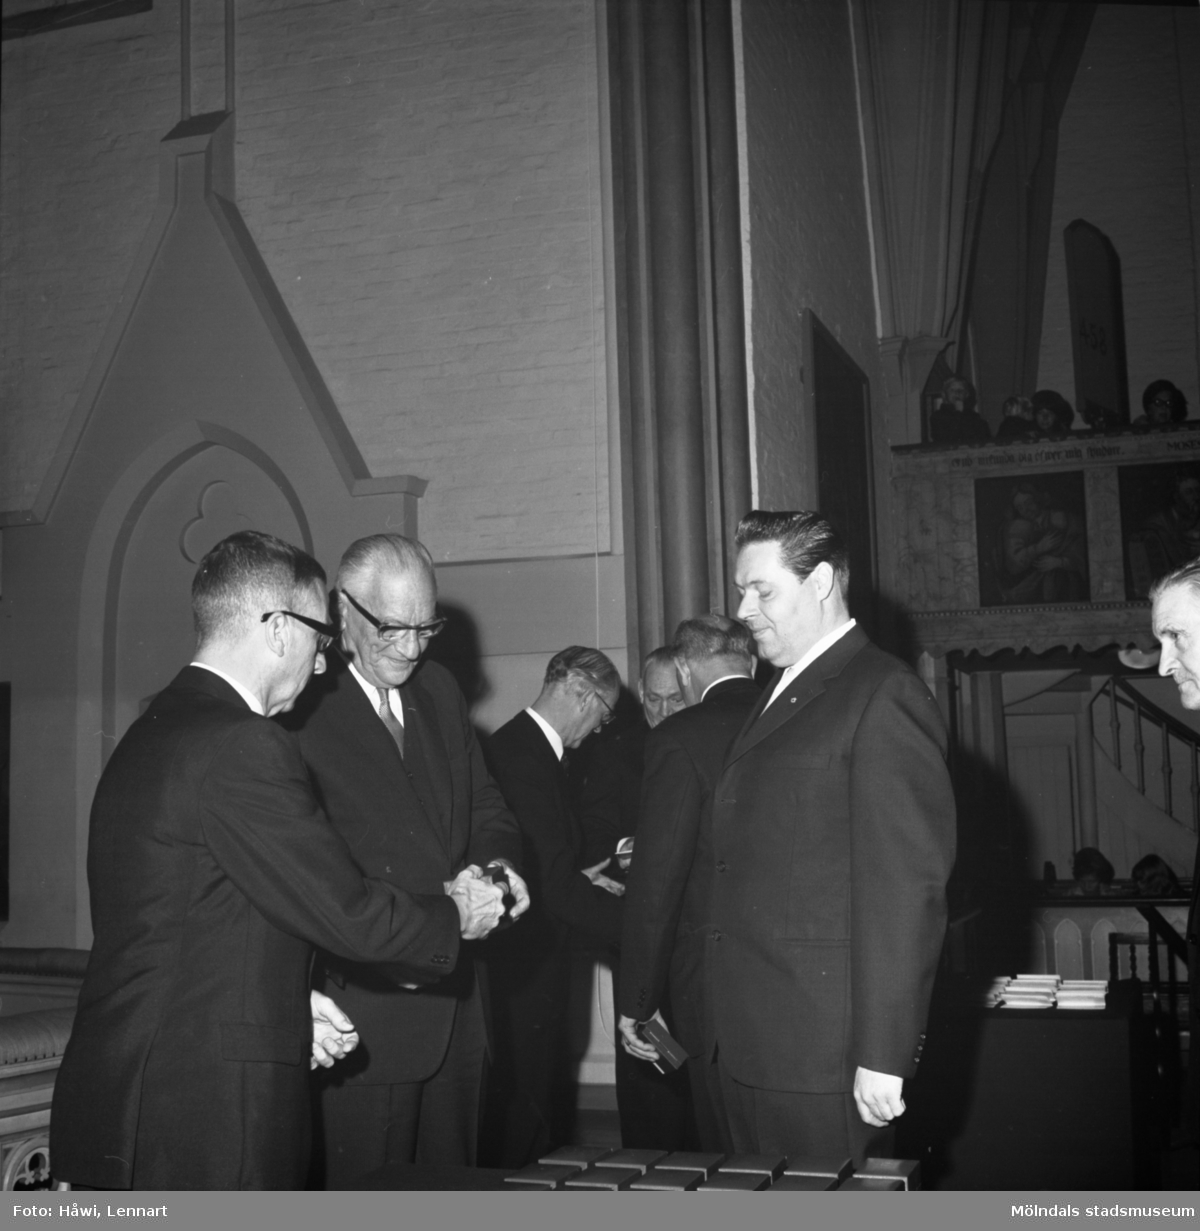 Utdelning av minnesgåvan vid Papyrus 75-årsjubileum. Fässbergs kyrka i Mölndal, 31/10 1970.